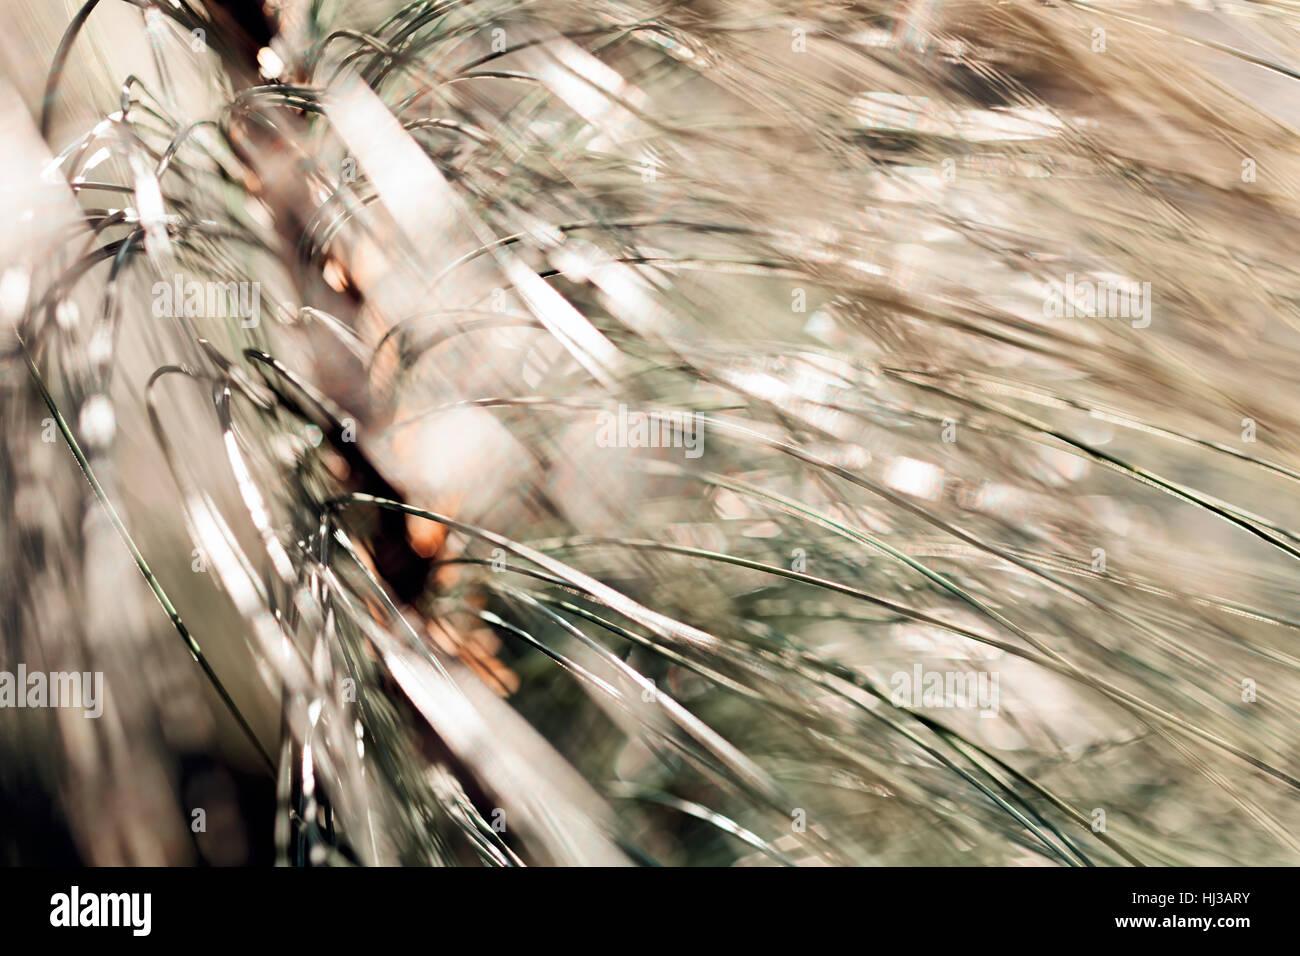 Abstrakt weiß Tannenzweigen, geringe Schärfentiefe Hinweis Stockbild